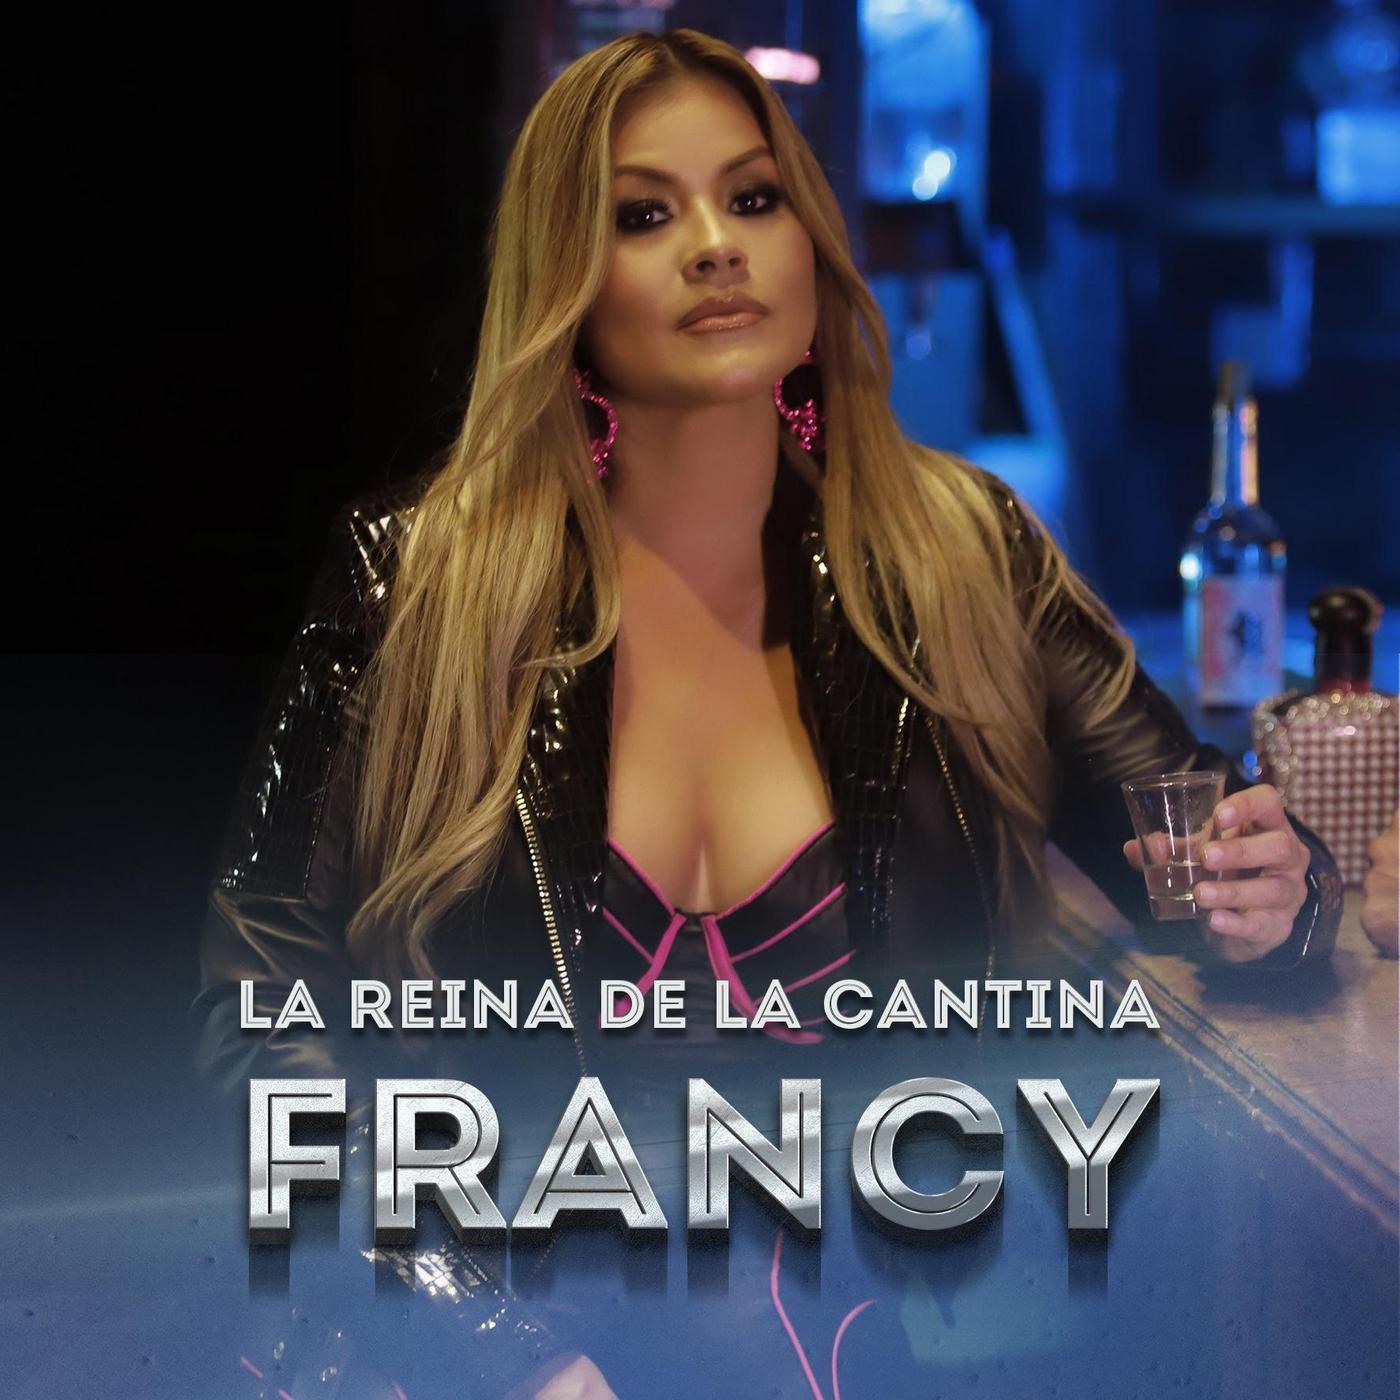 Francy presenta su nueva canción «La Reina de la Cantina»